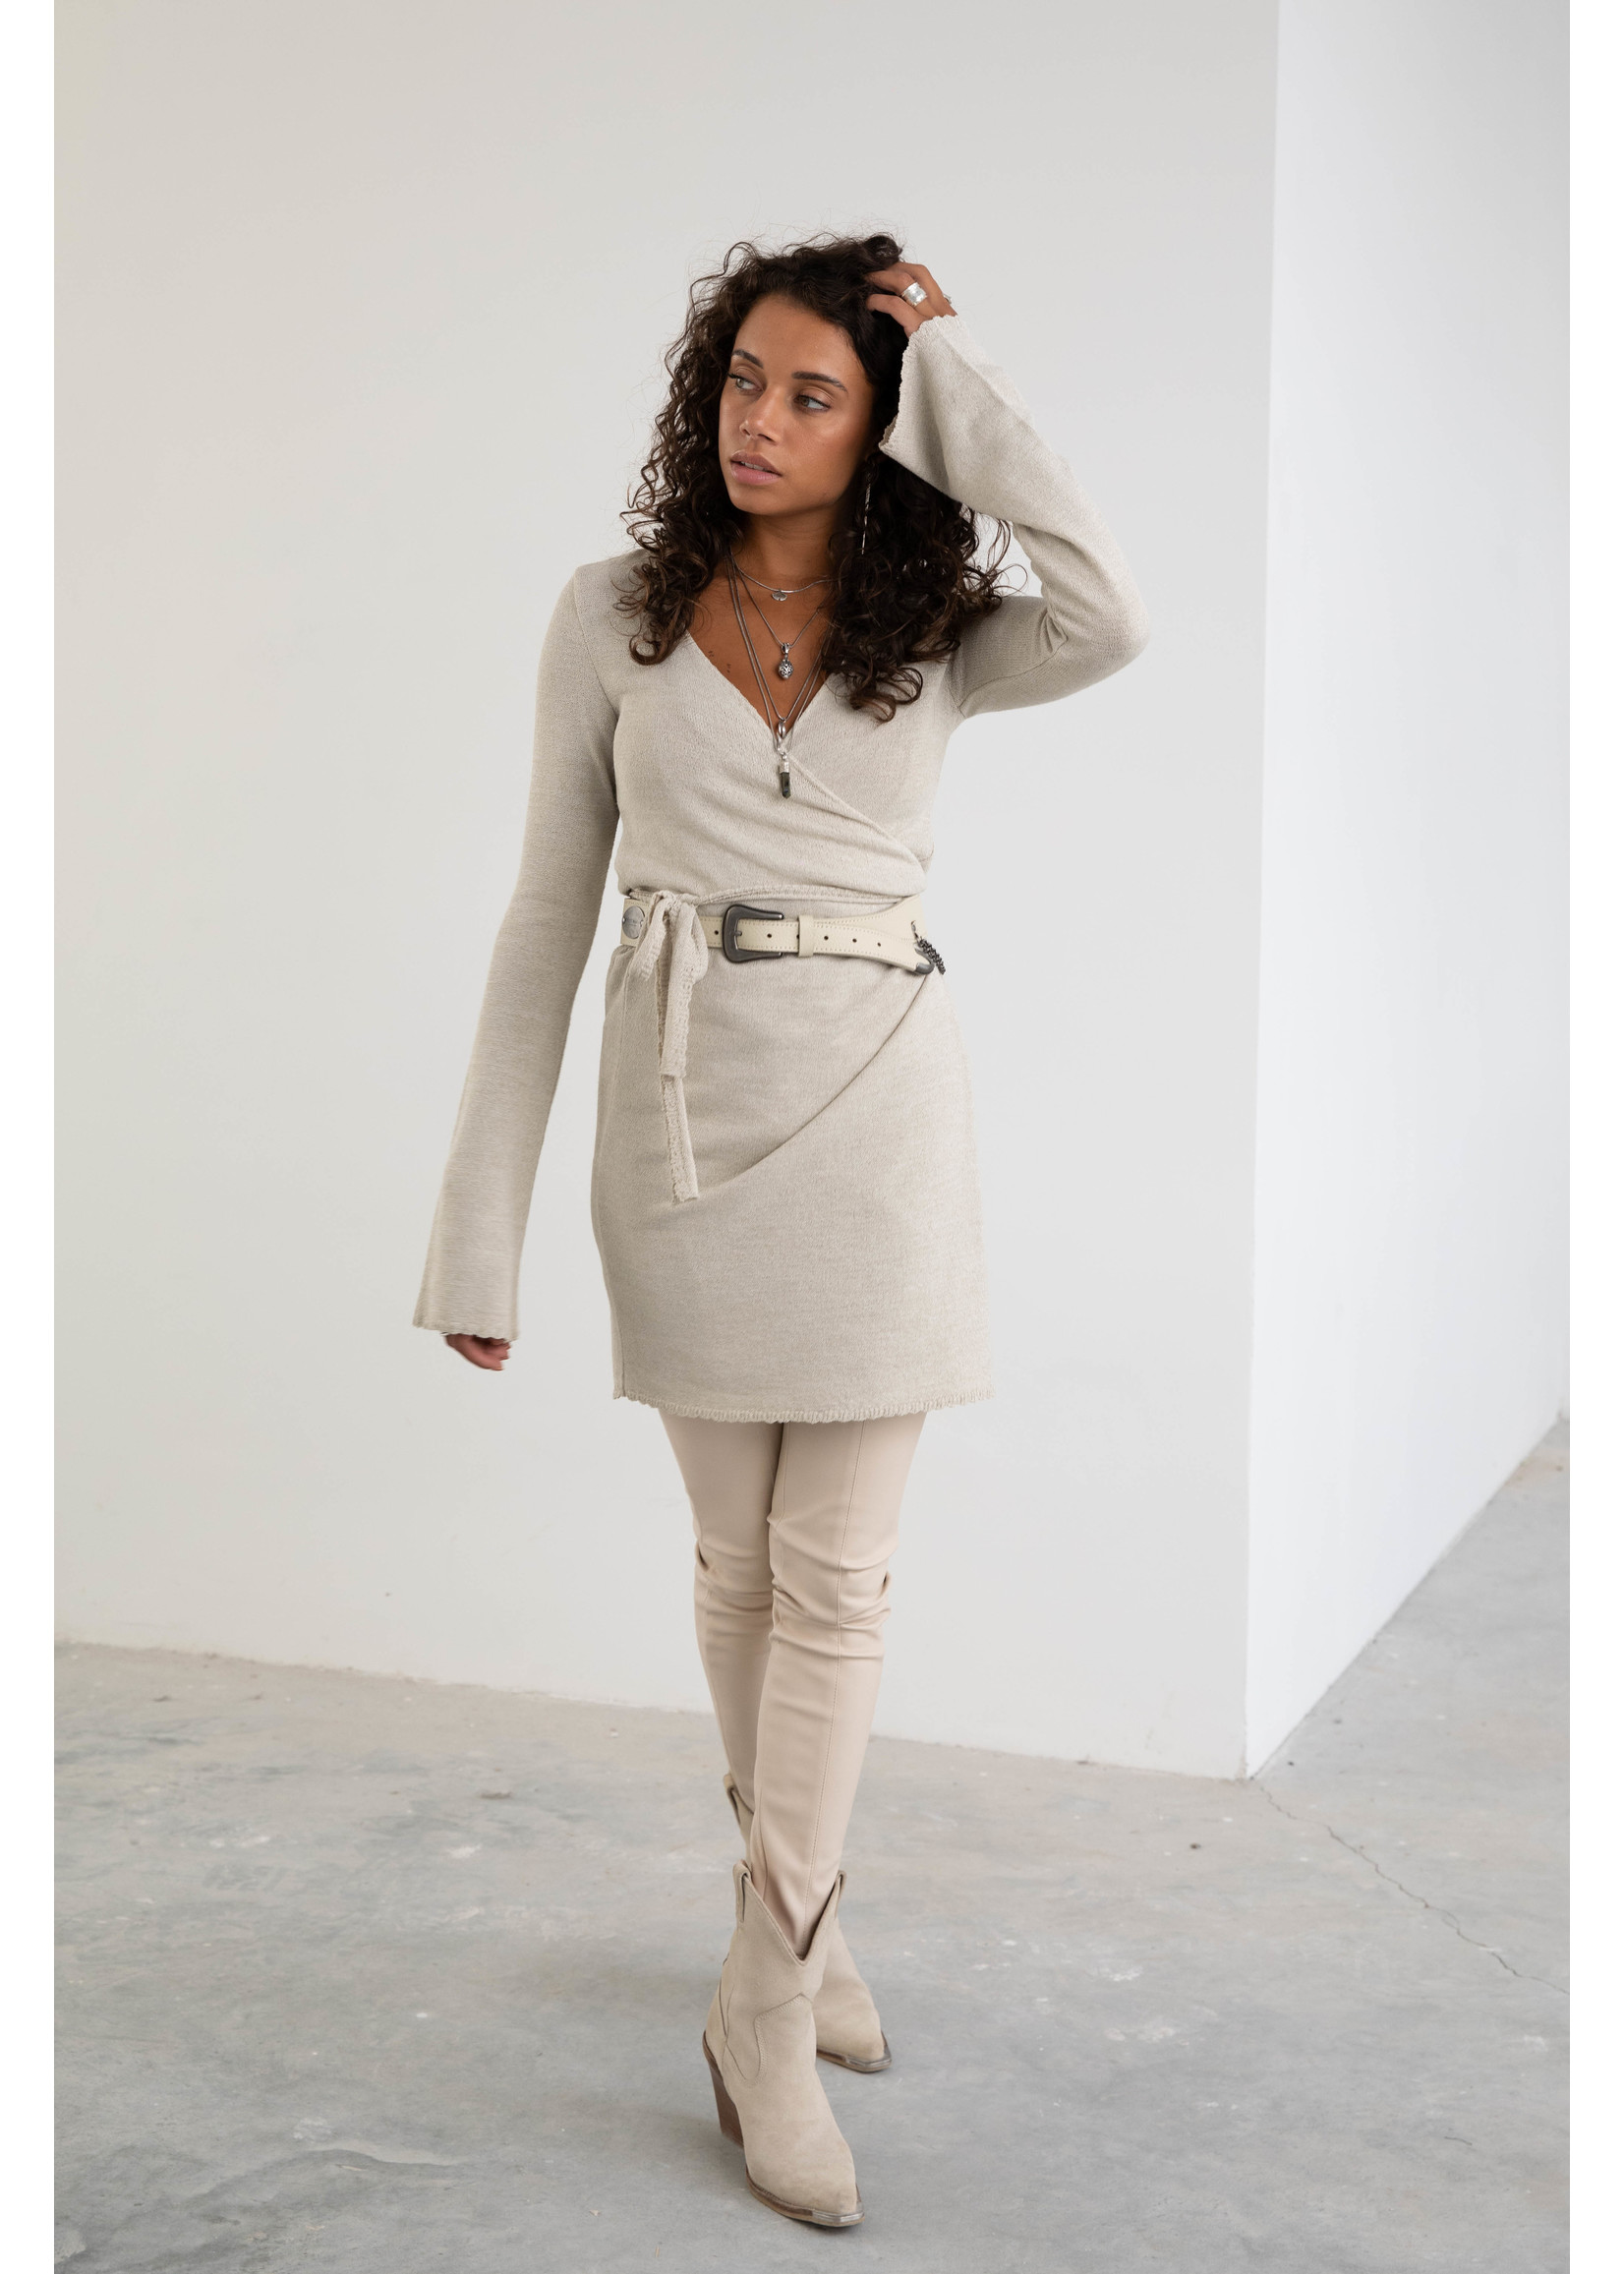 Moost Wanted Zen Knitted Wrap Dress LIGHT BEIGE